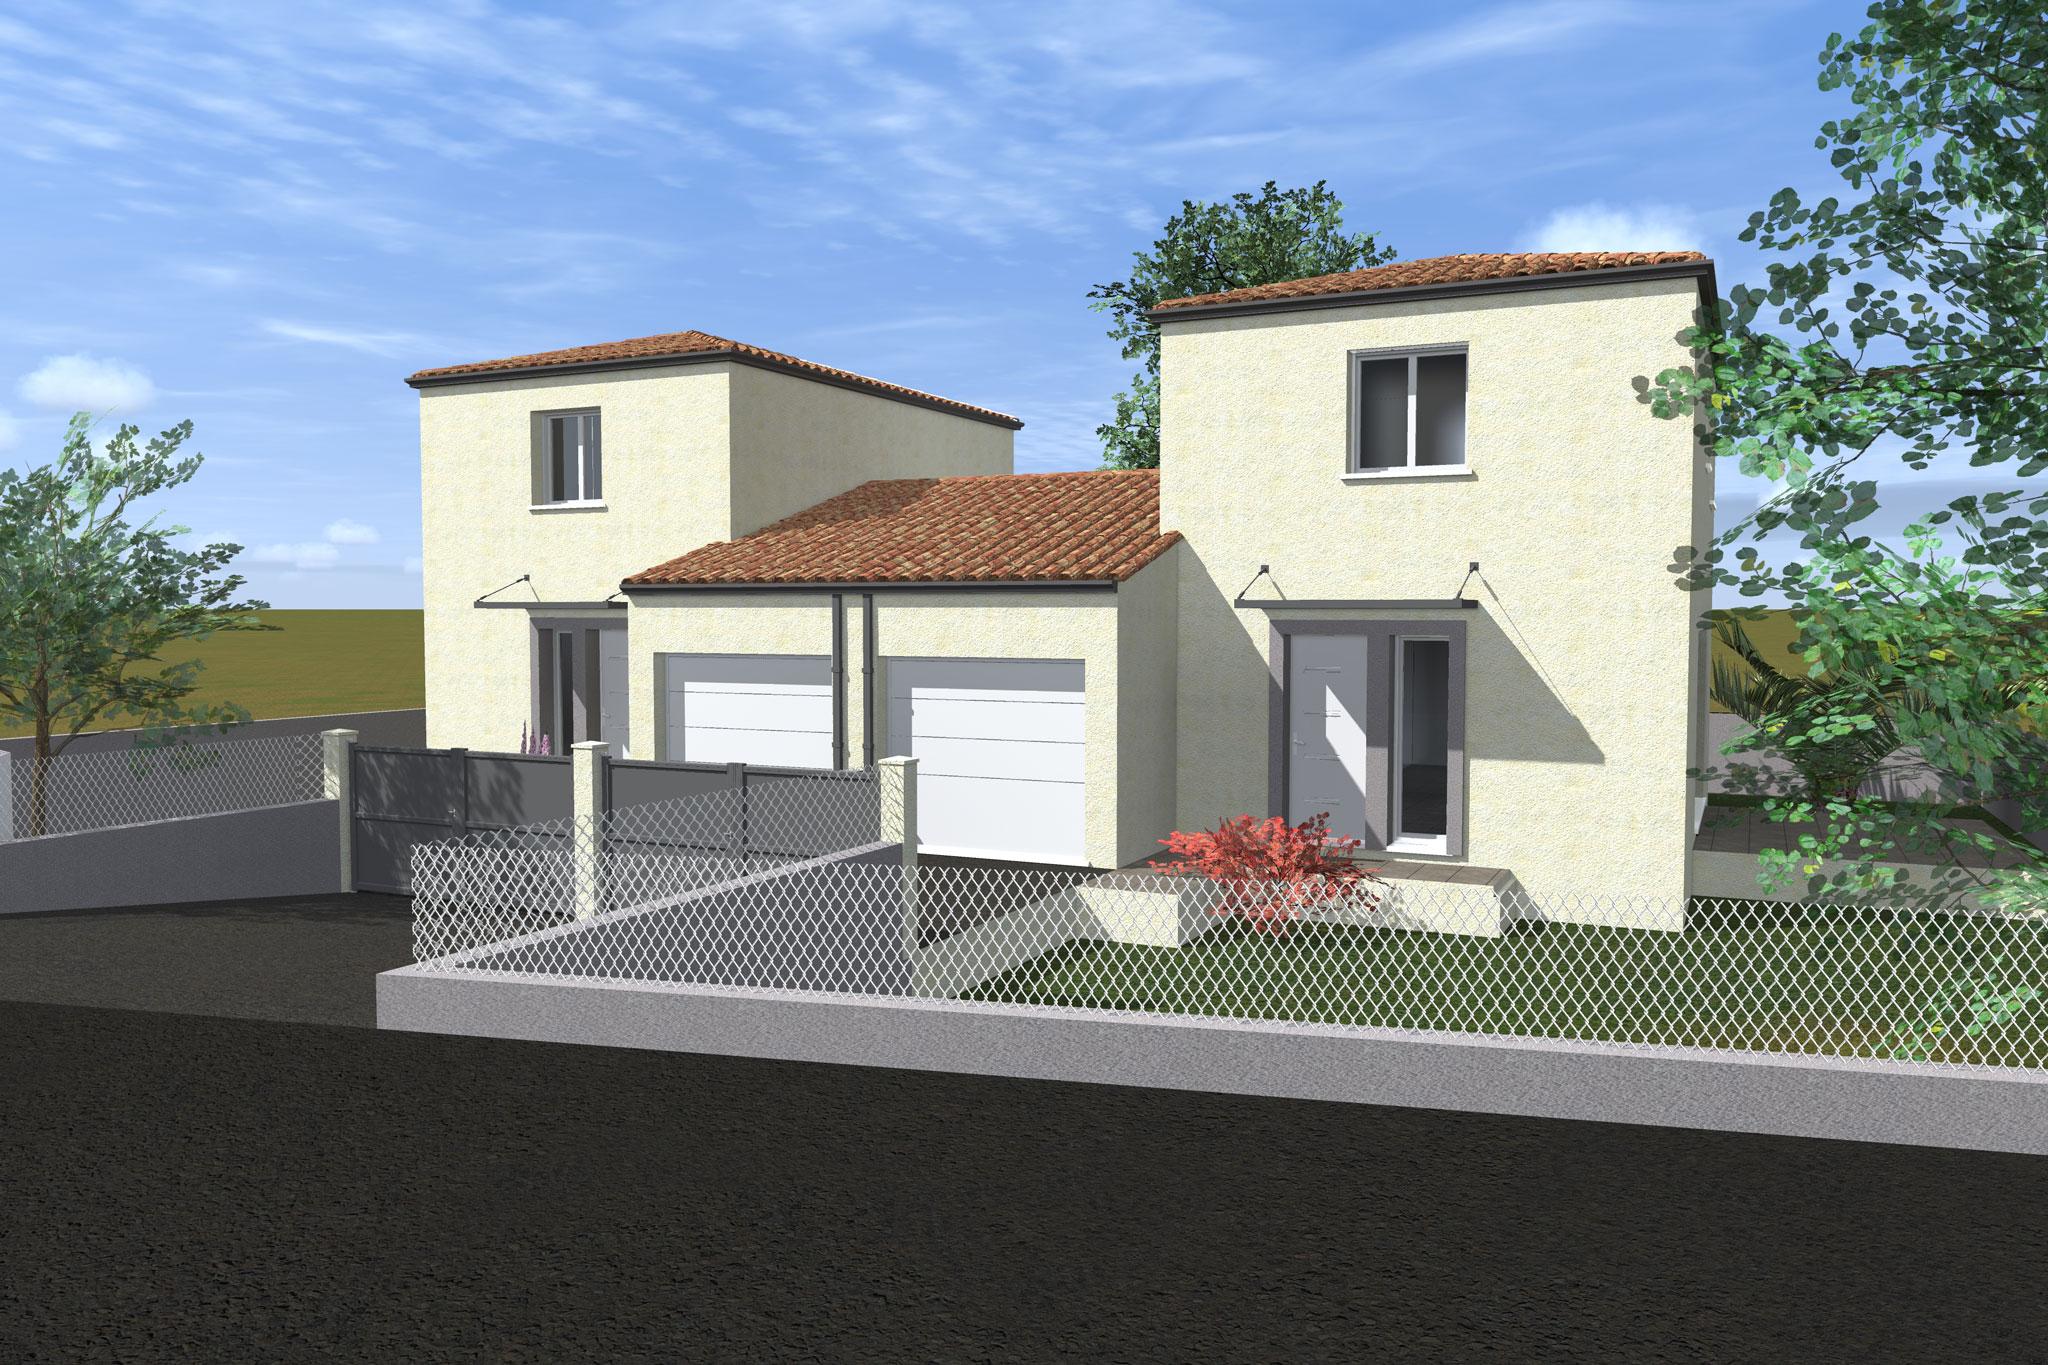 Maisons du constructeur CAP CONSTRUCTION • 91 m² • BEZIERS